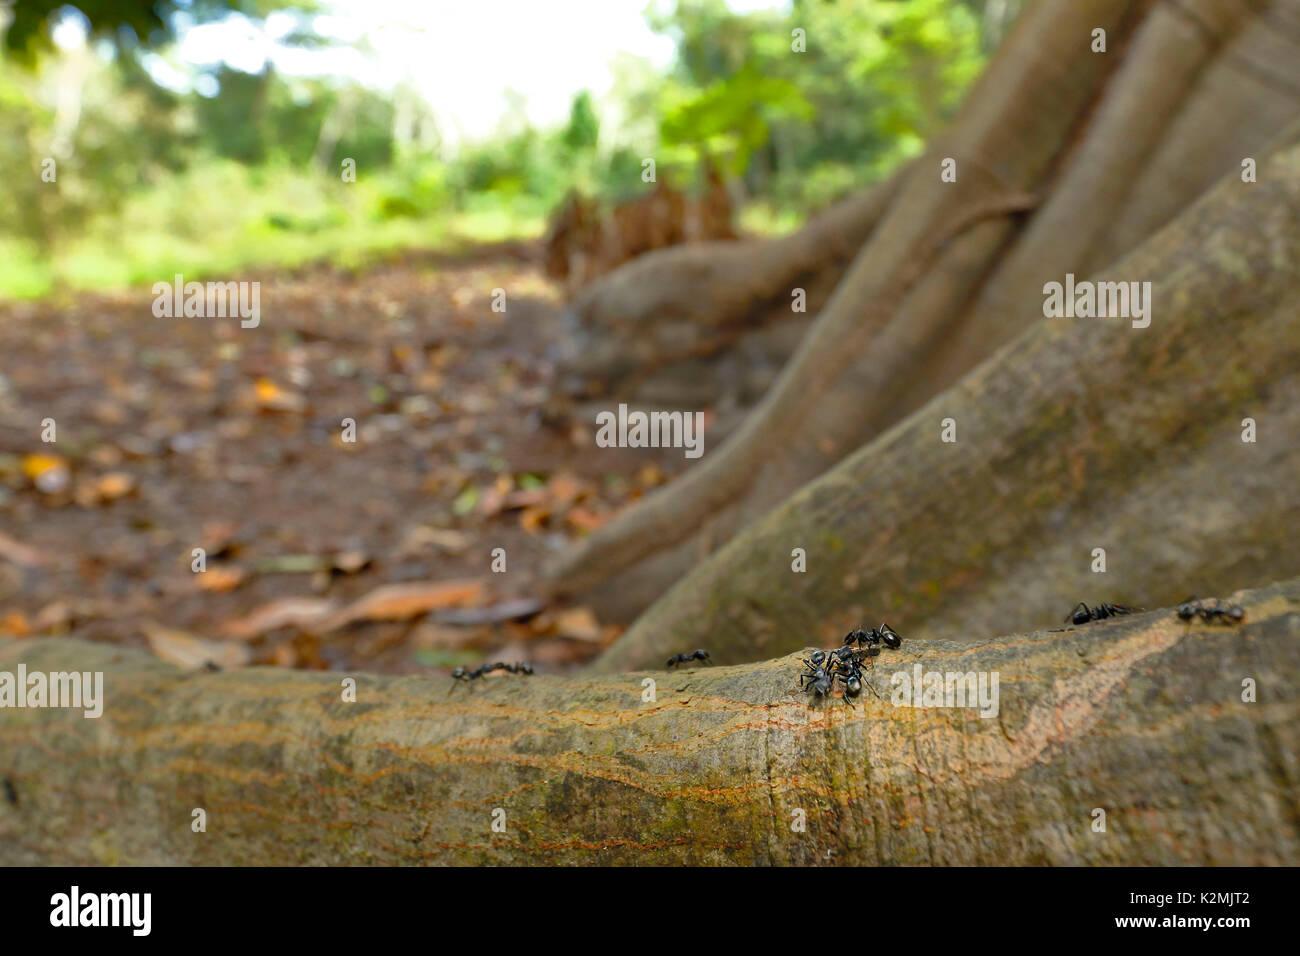 Bullet ant (Paraponera clavata), marchant sur les racines des arbres Banque D'Images